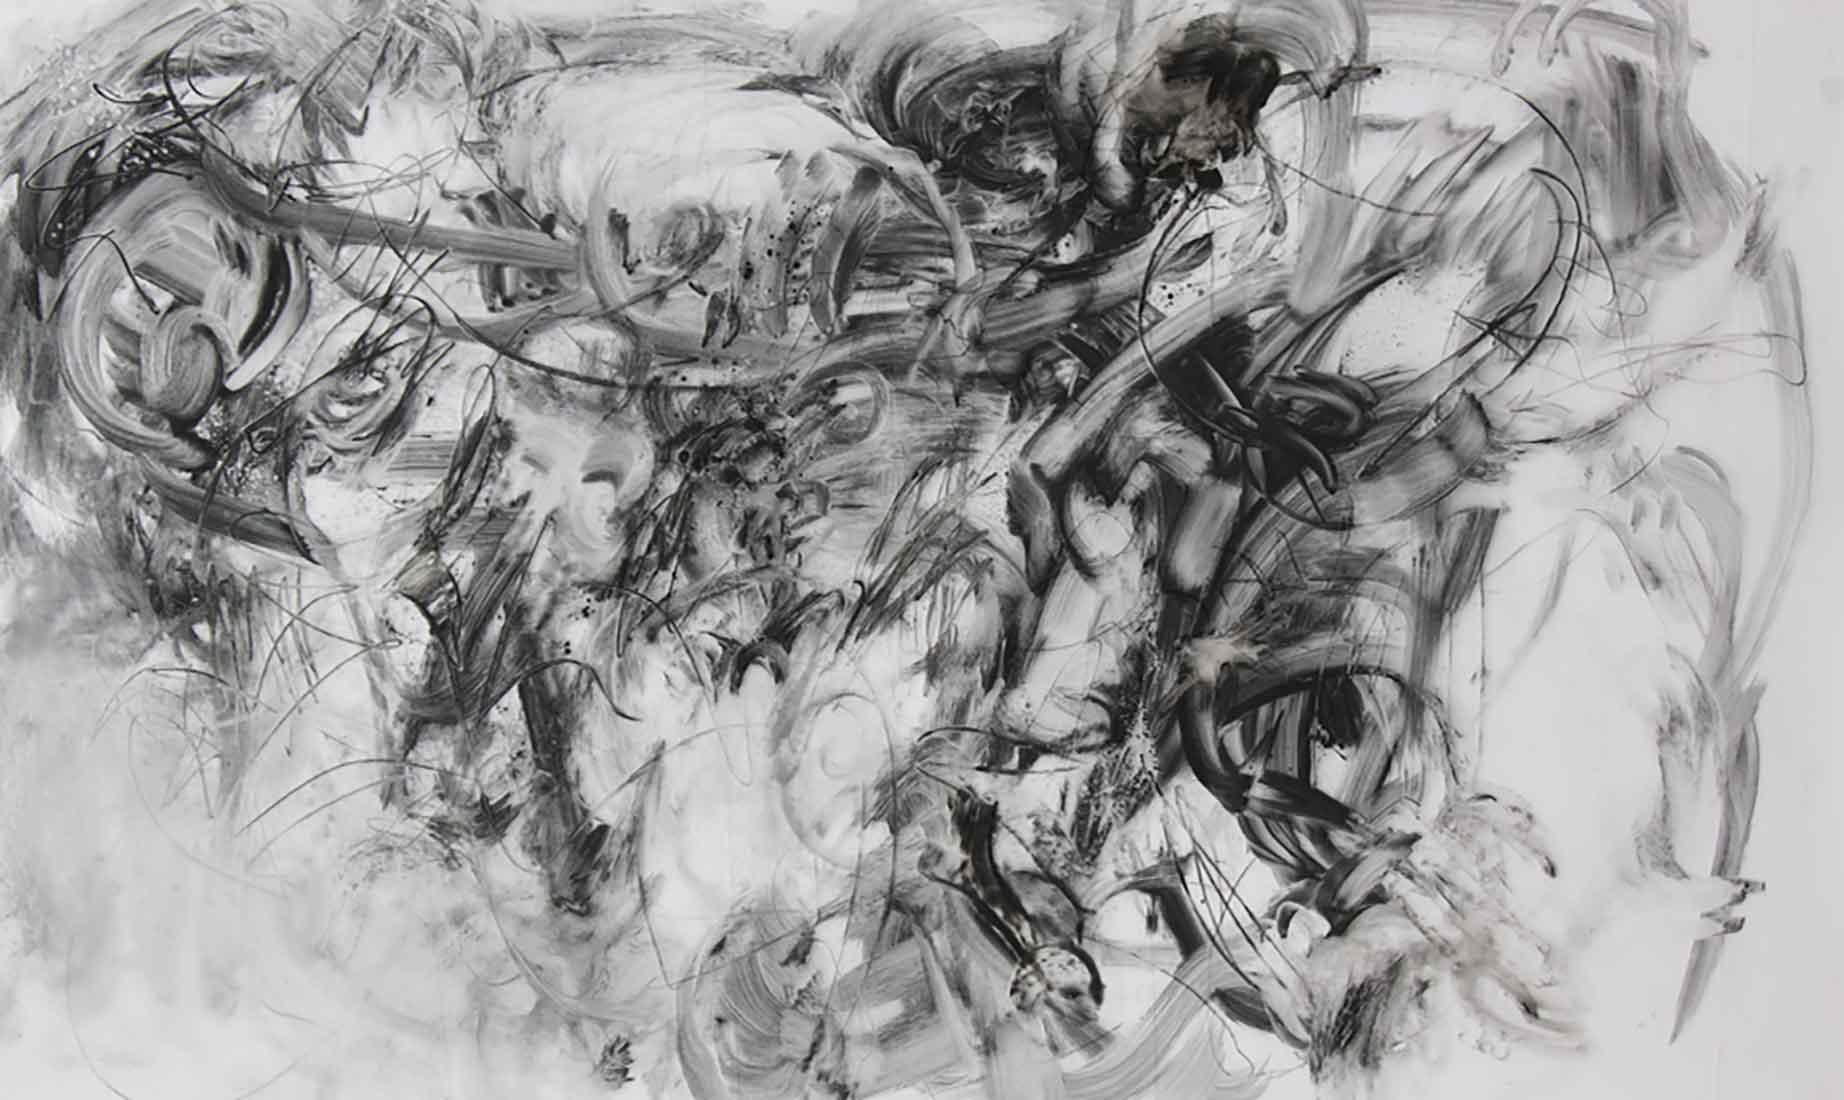 Richard Ketley, Künstler, Maler, Kunst, Bilder, moderne, Malerei, Vita, modern art, zeitgenössische, südafrikanische Kunst, entdecken